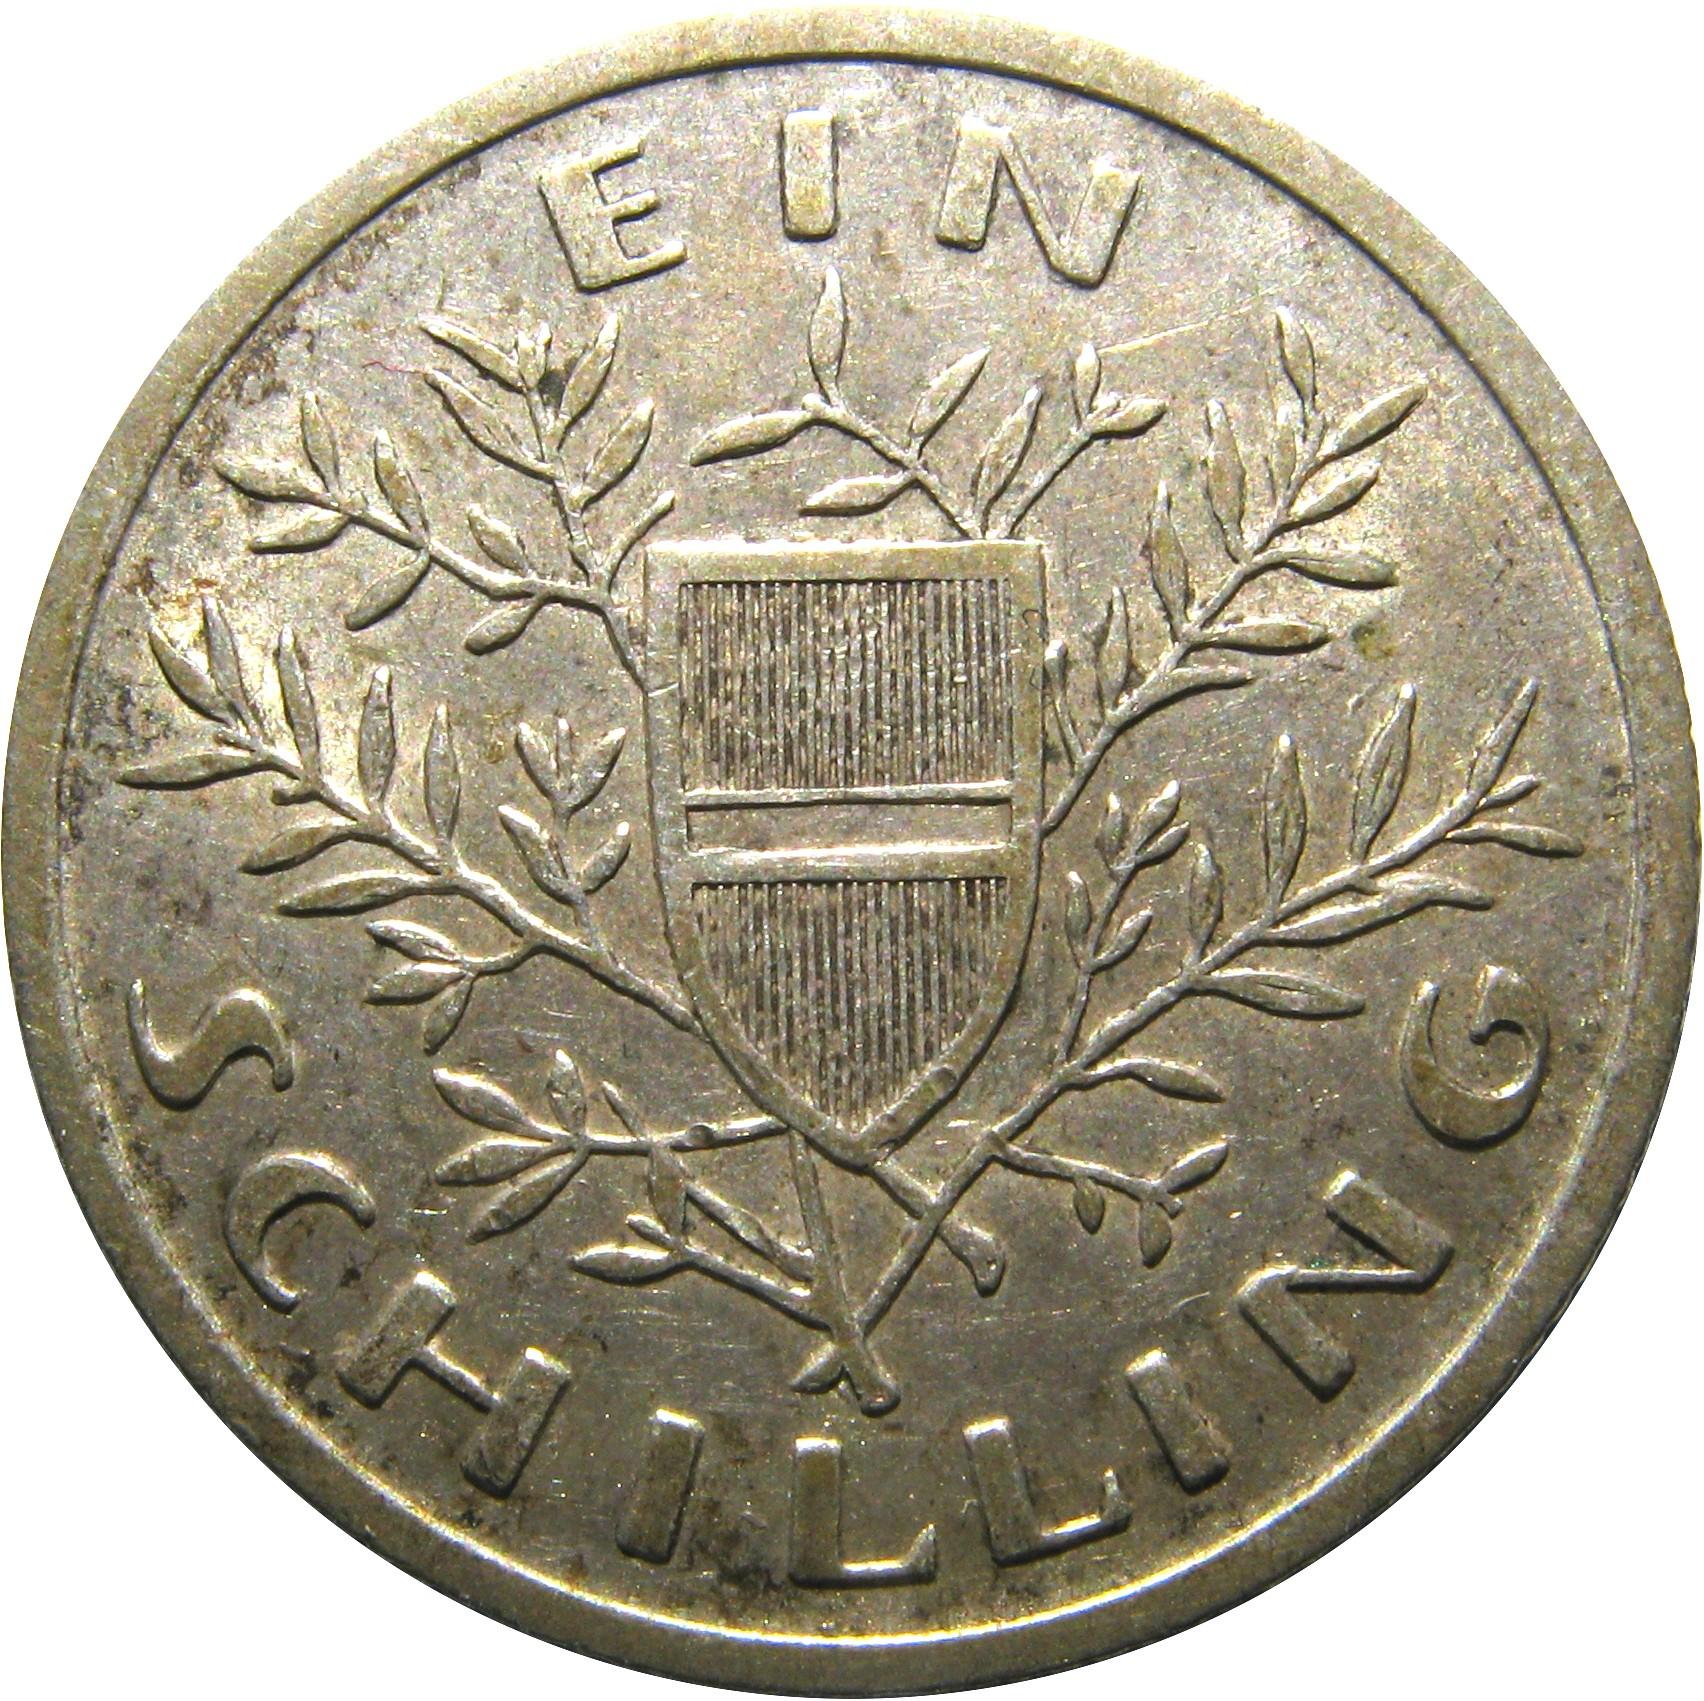 Austria 1 Schilling (1925-1932)